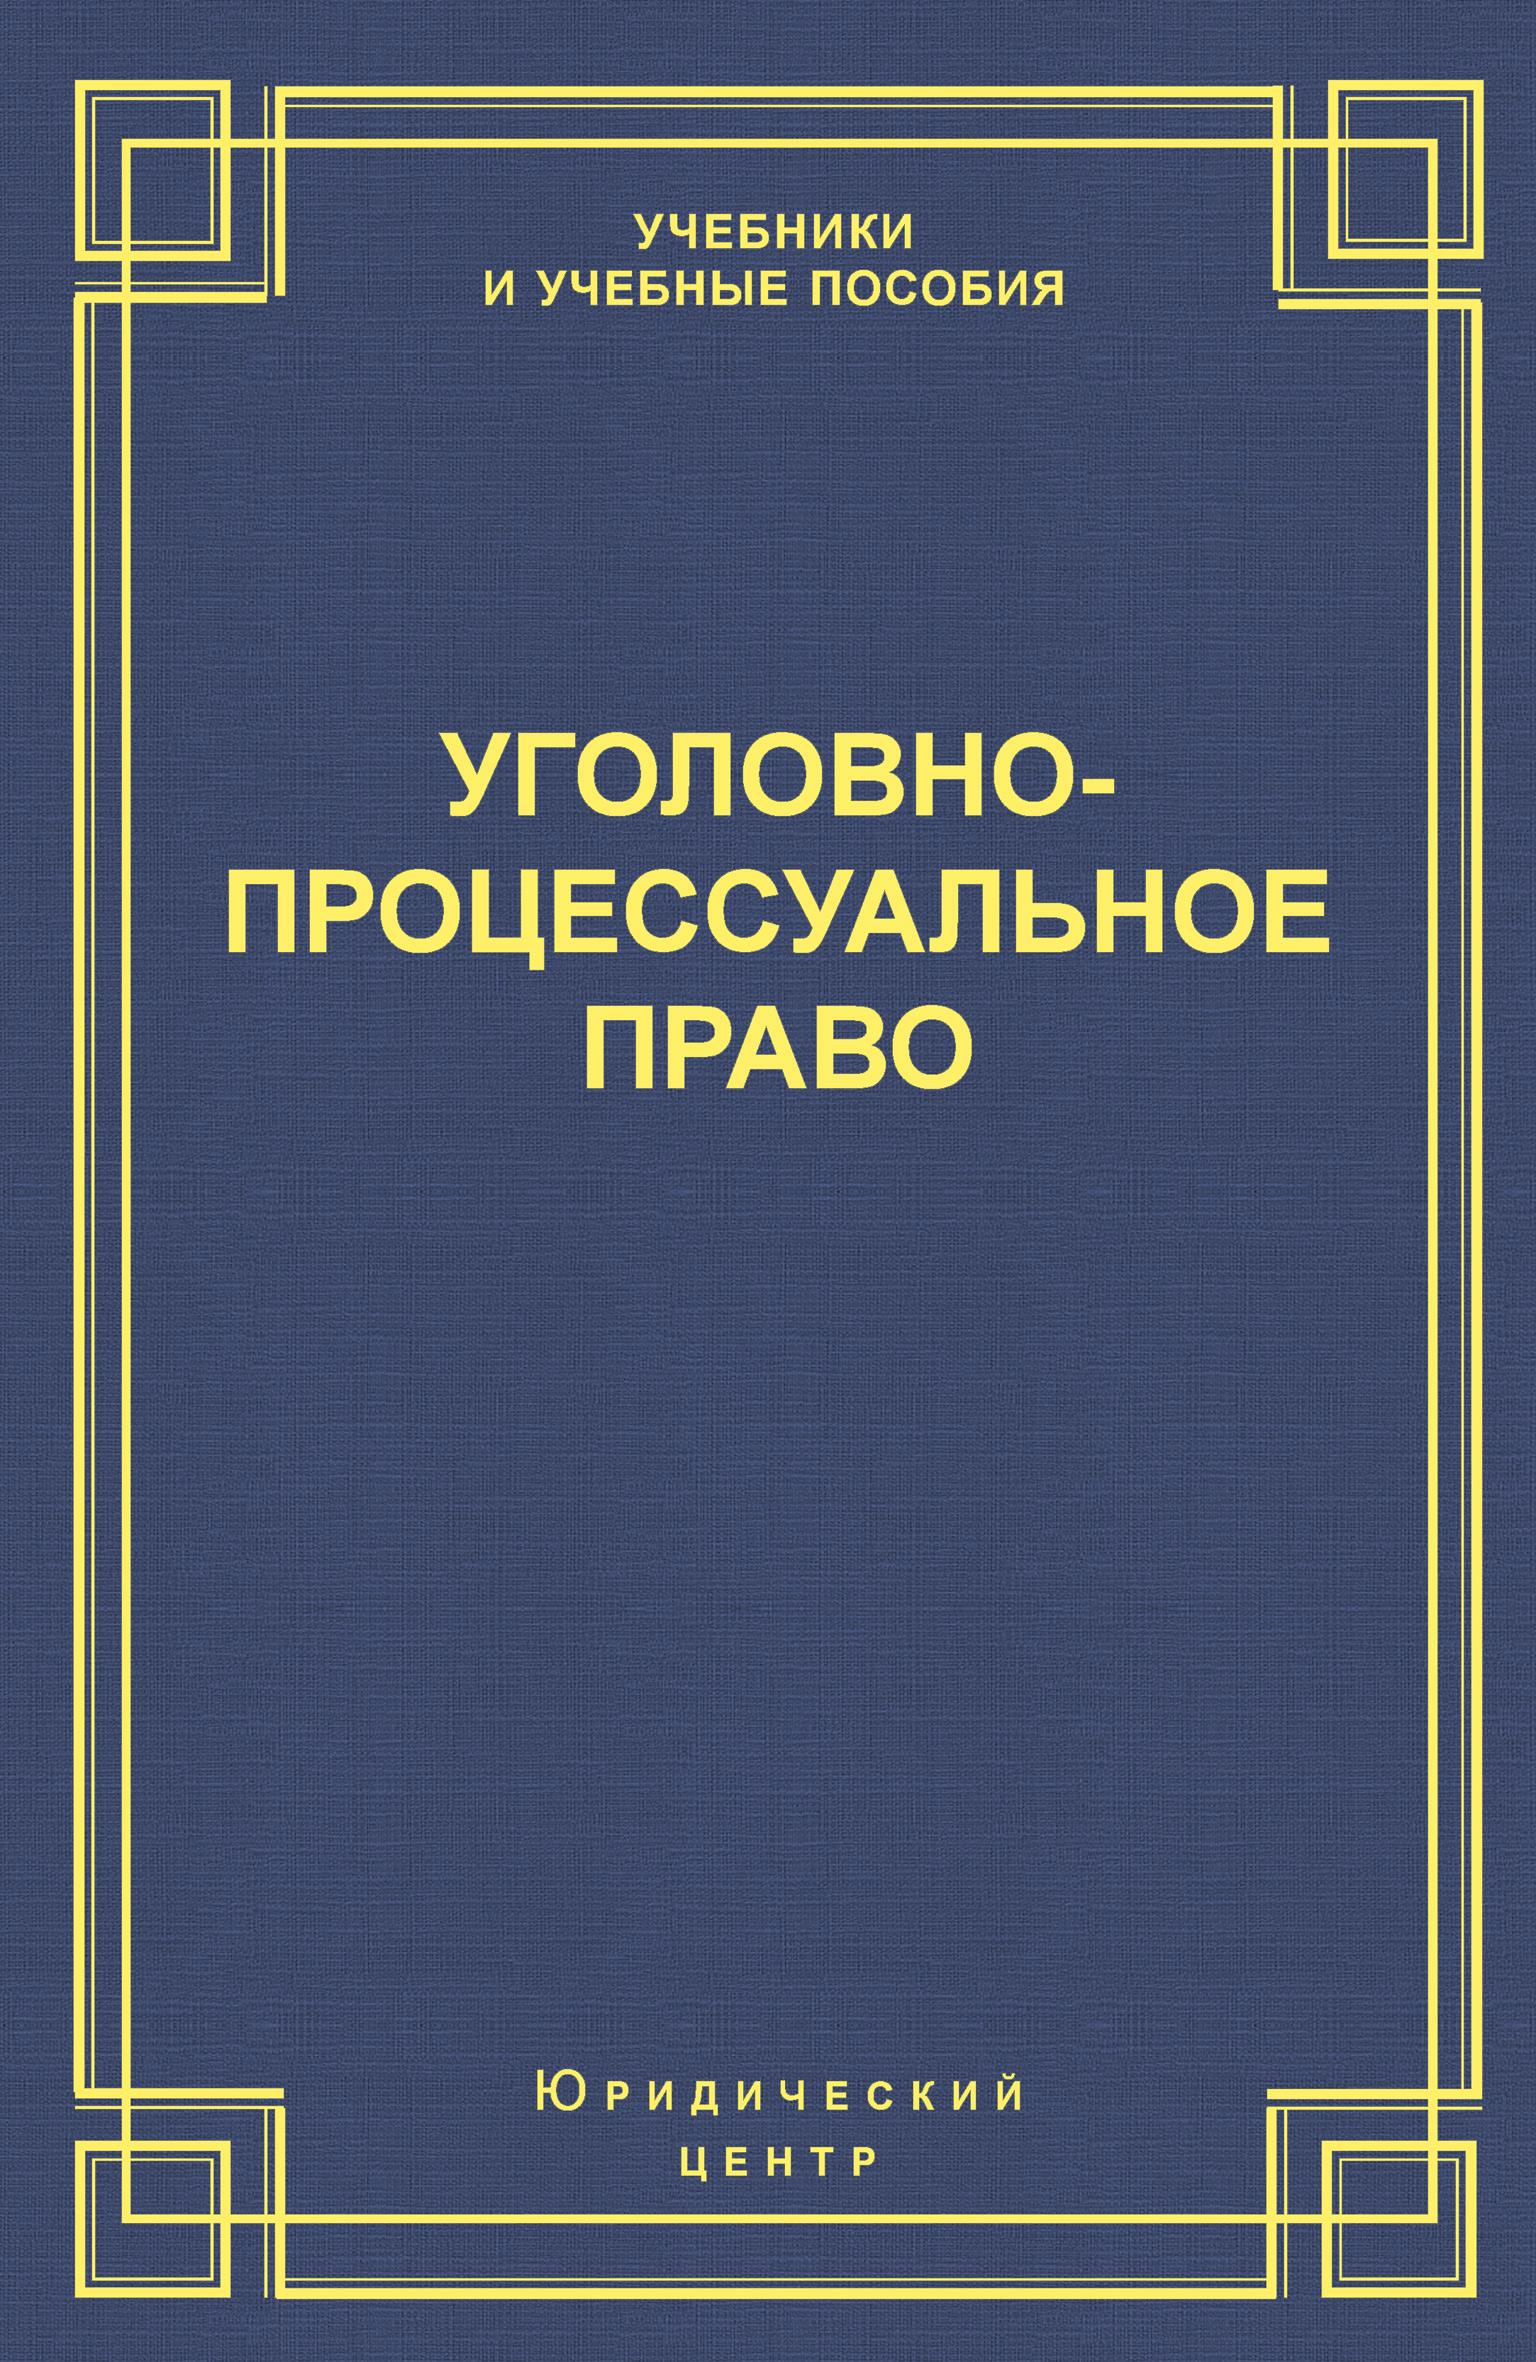 Коллектив авторов Уголовно-процессуальное право коллектив авторов гражданское процессуальное право учебник